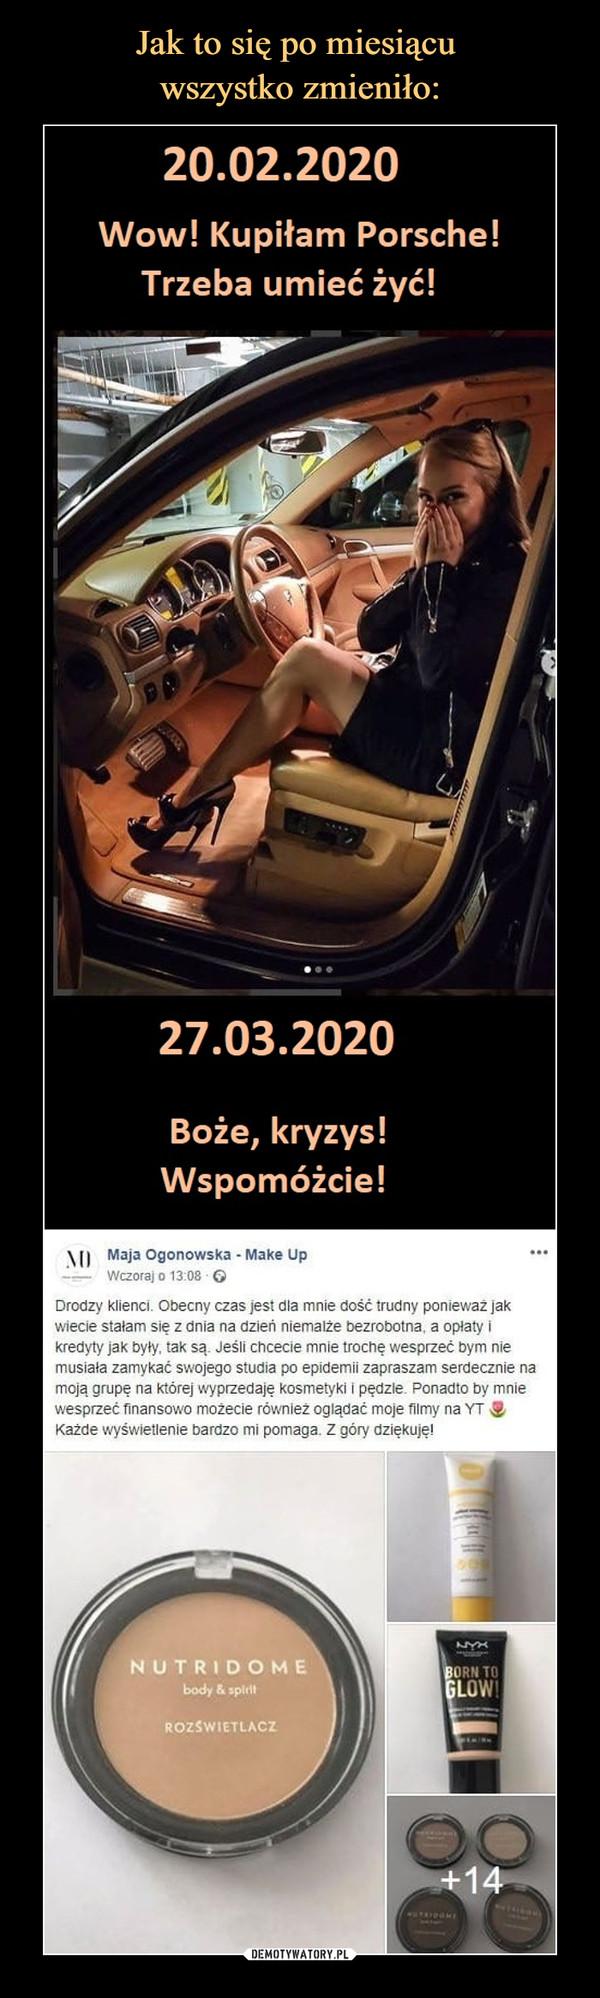 –  20.02.2020 Wow Kupiłam Porshe Zić trzeba umieć! 27.03.2020 Boże kryzys Wspomożcie!